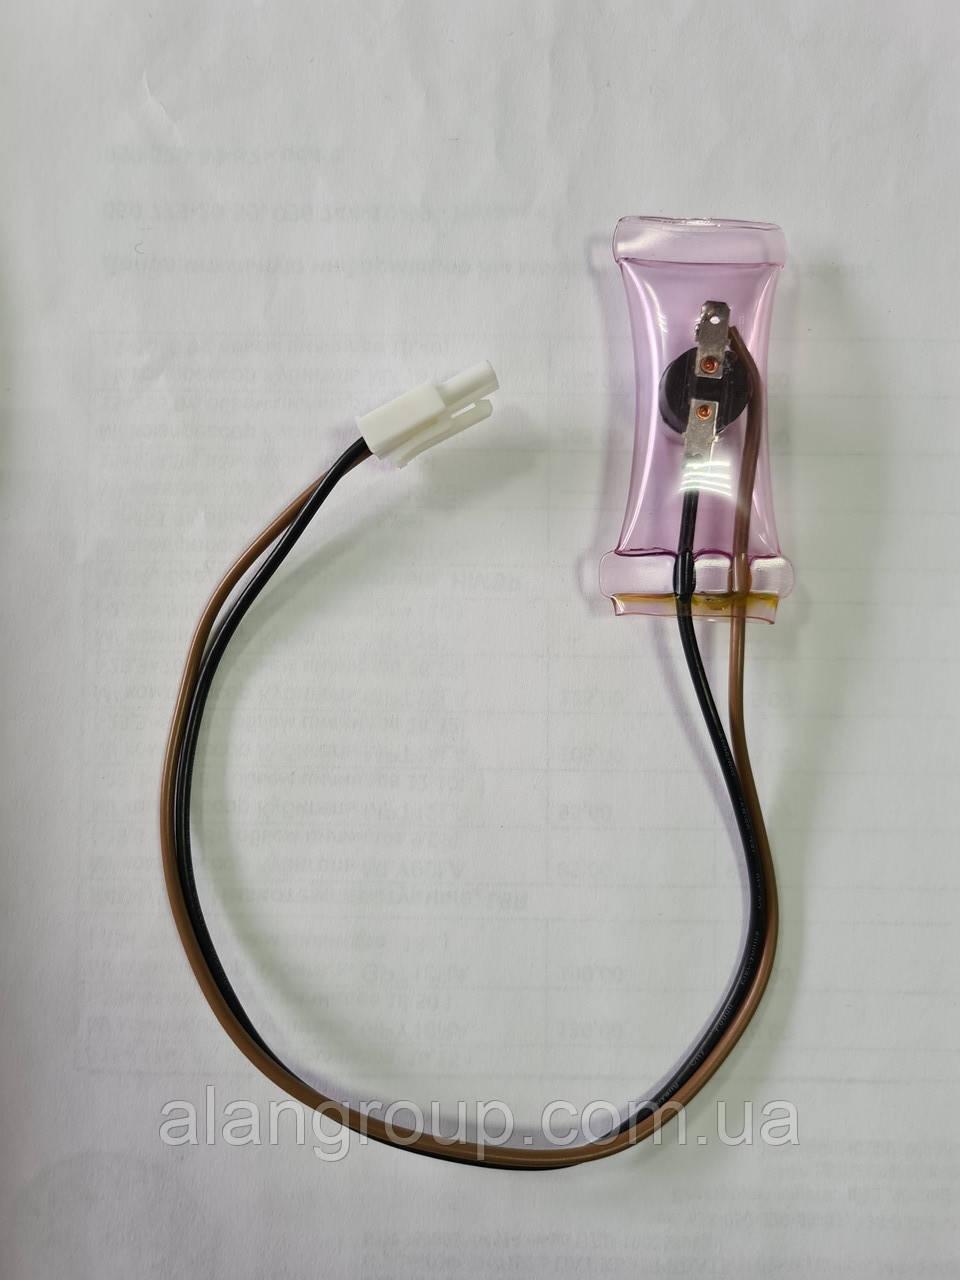 Термореле SC 001 KSD 3004 (універсальне)